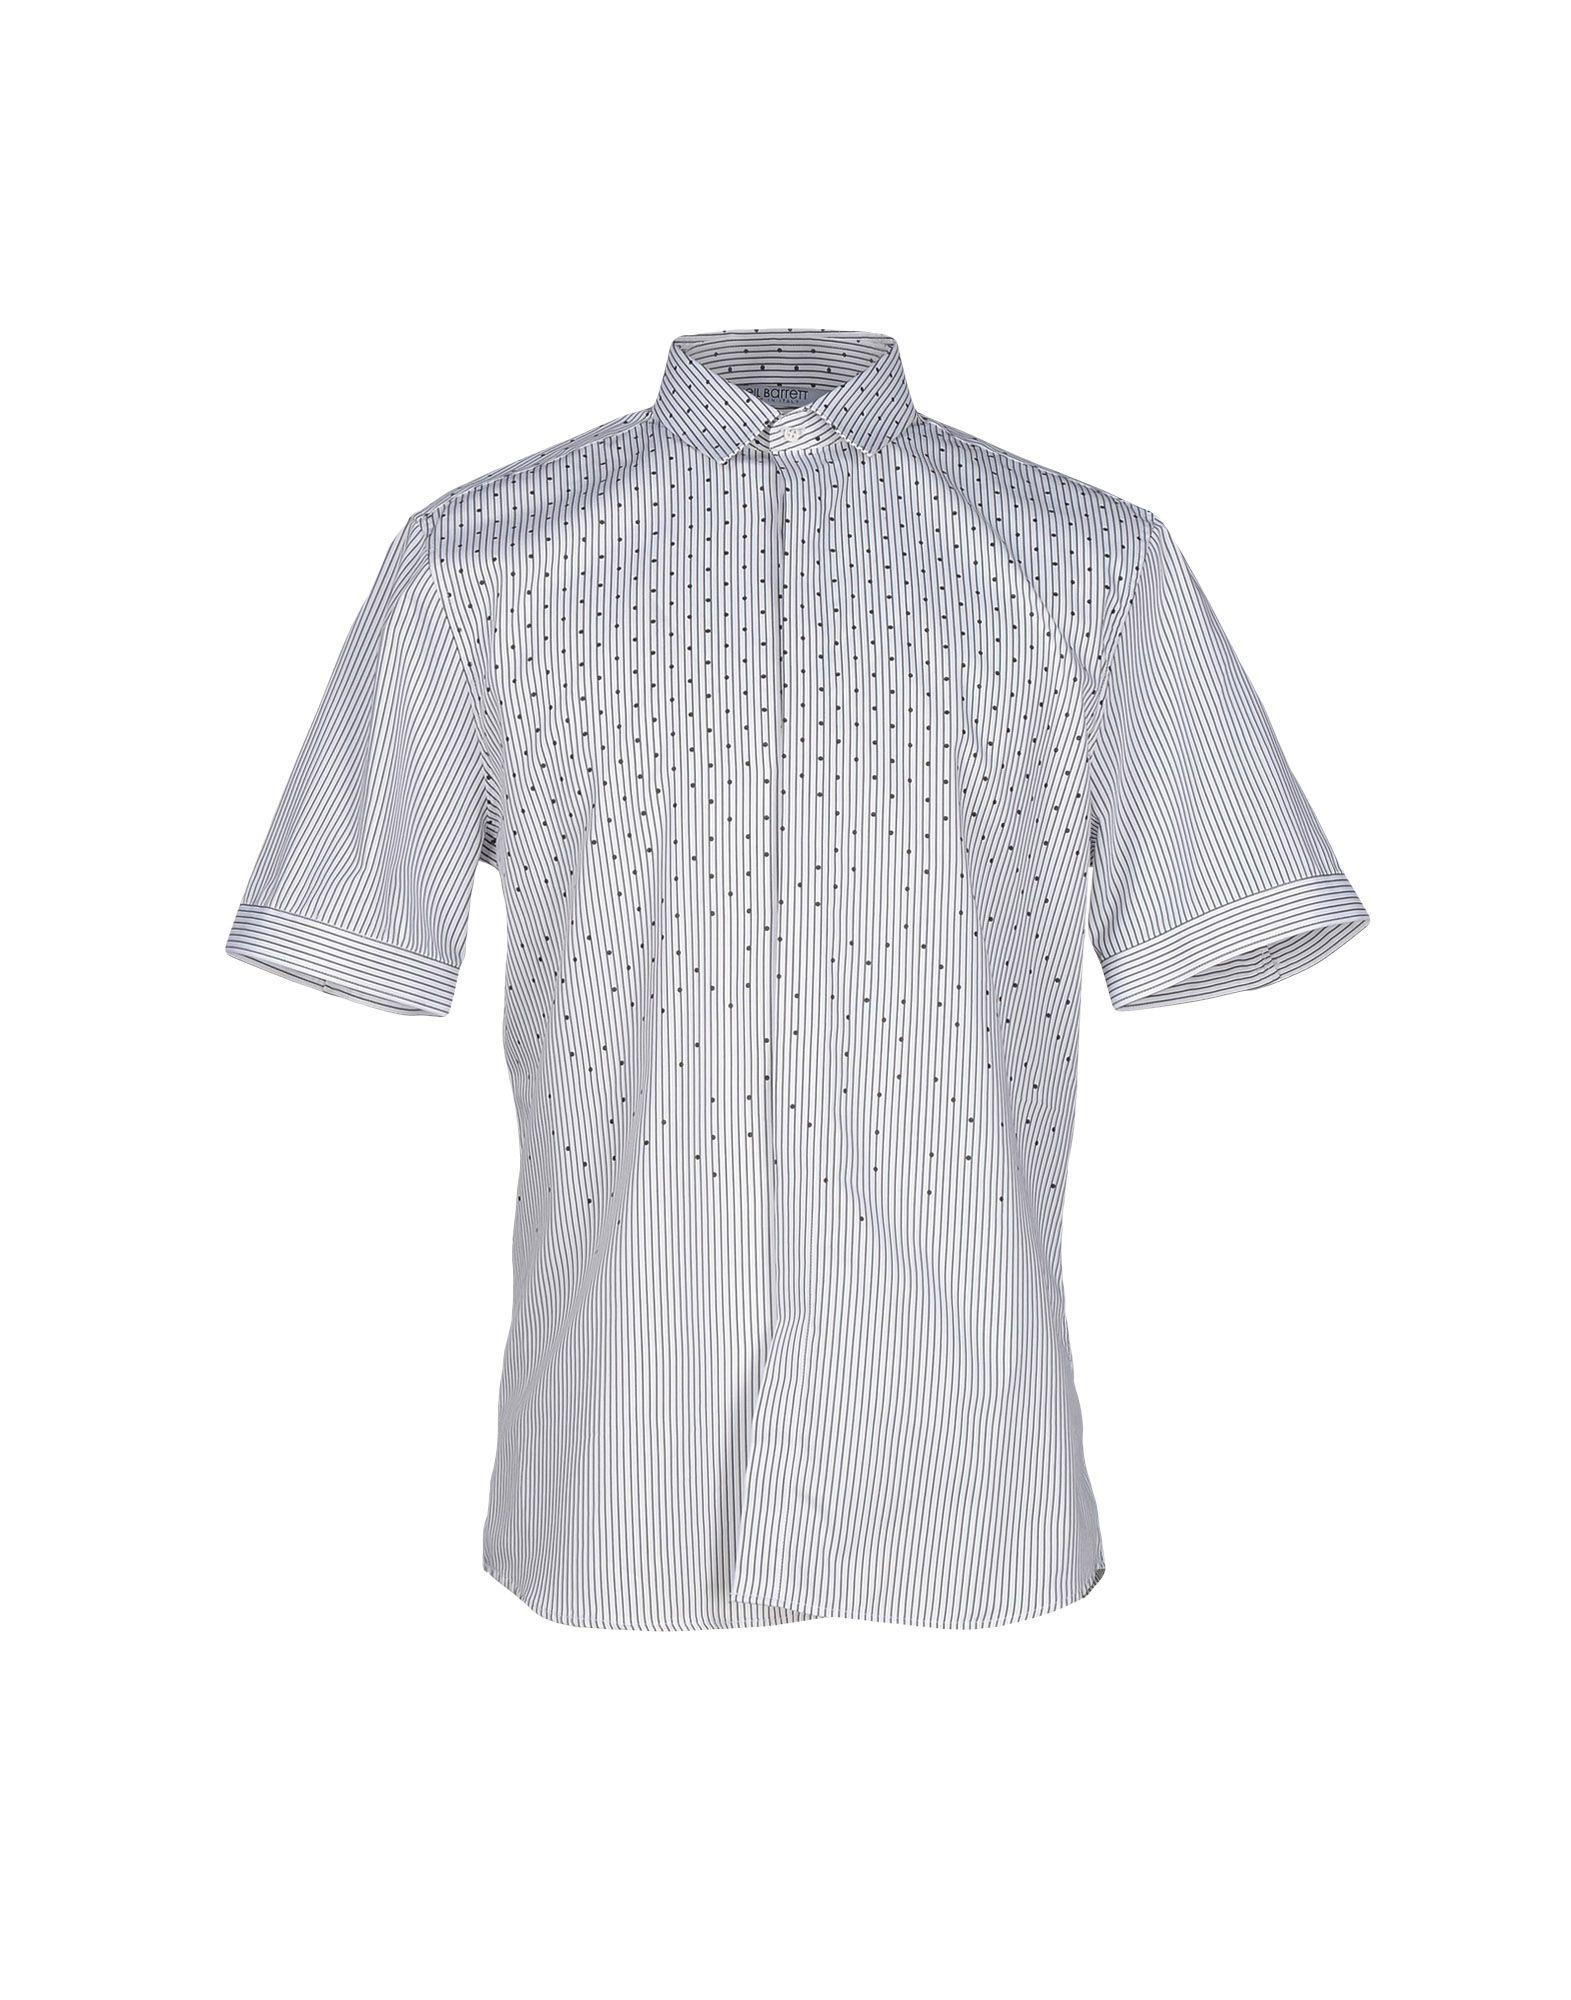 Neil barrett shirt in white for men lyst for Neil barrett tuxedo shirt